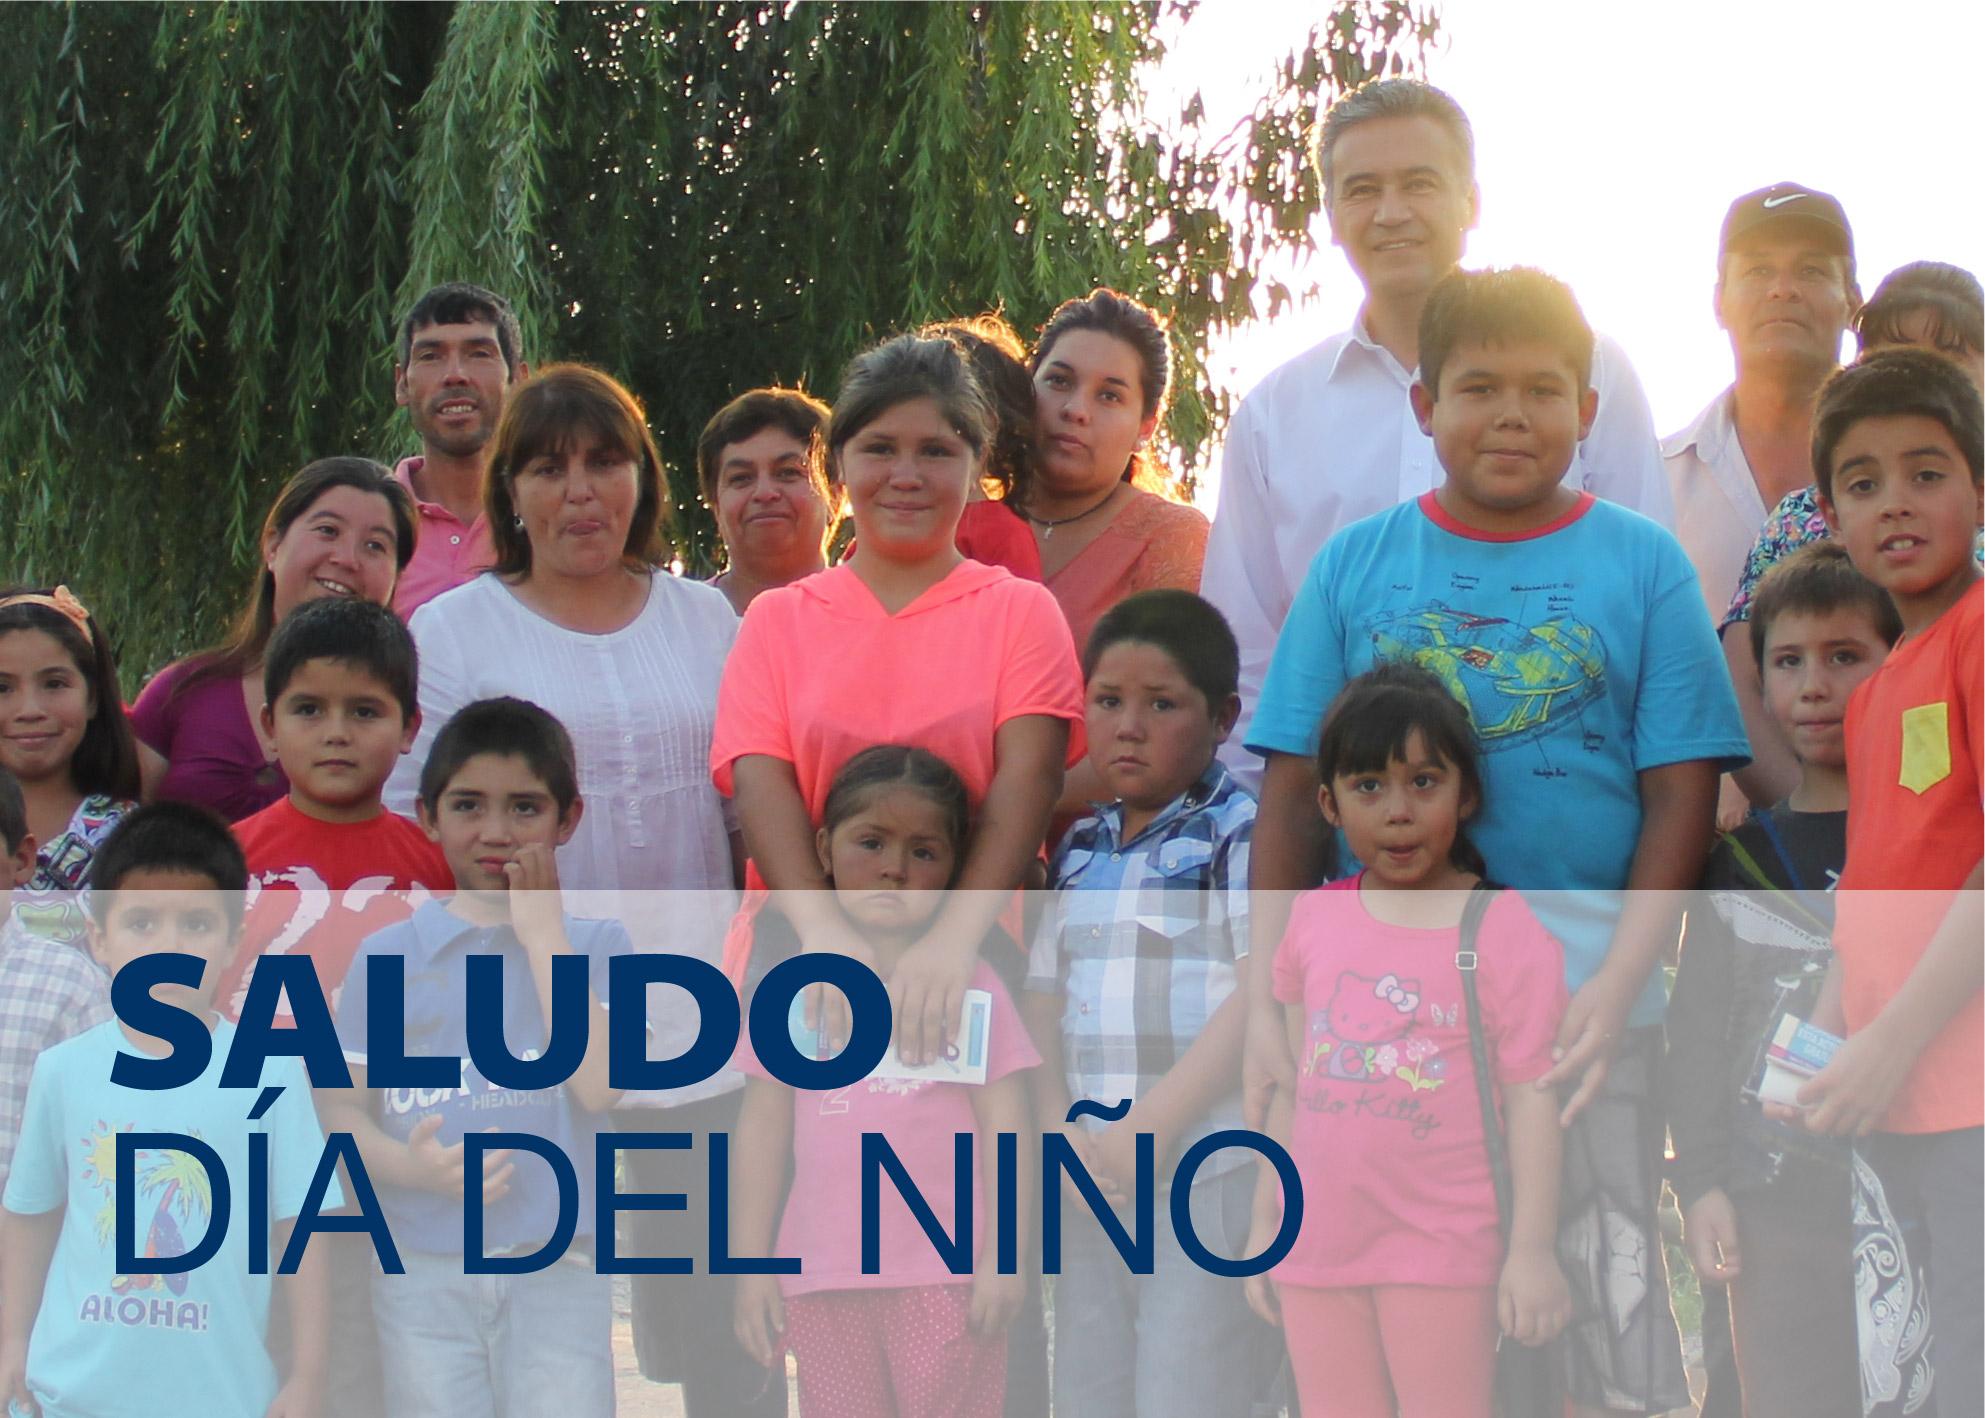 Jaime González Ramírez, Alcalde de nuestra comuna, saluda a todos los niños de San Vicente de Tagua Tagua en su día.